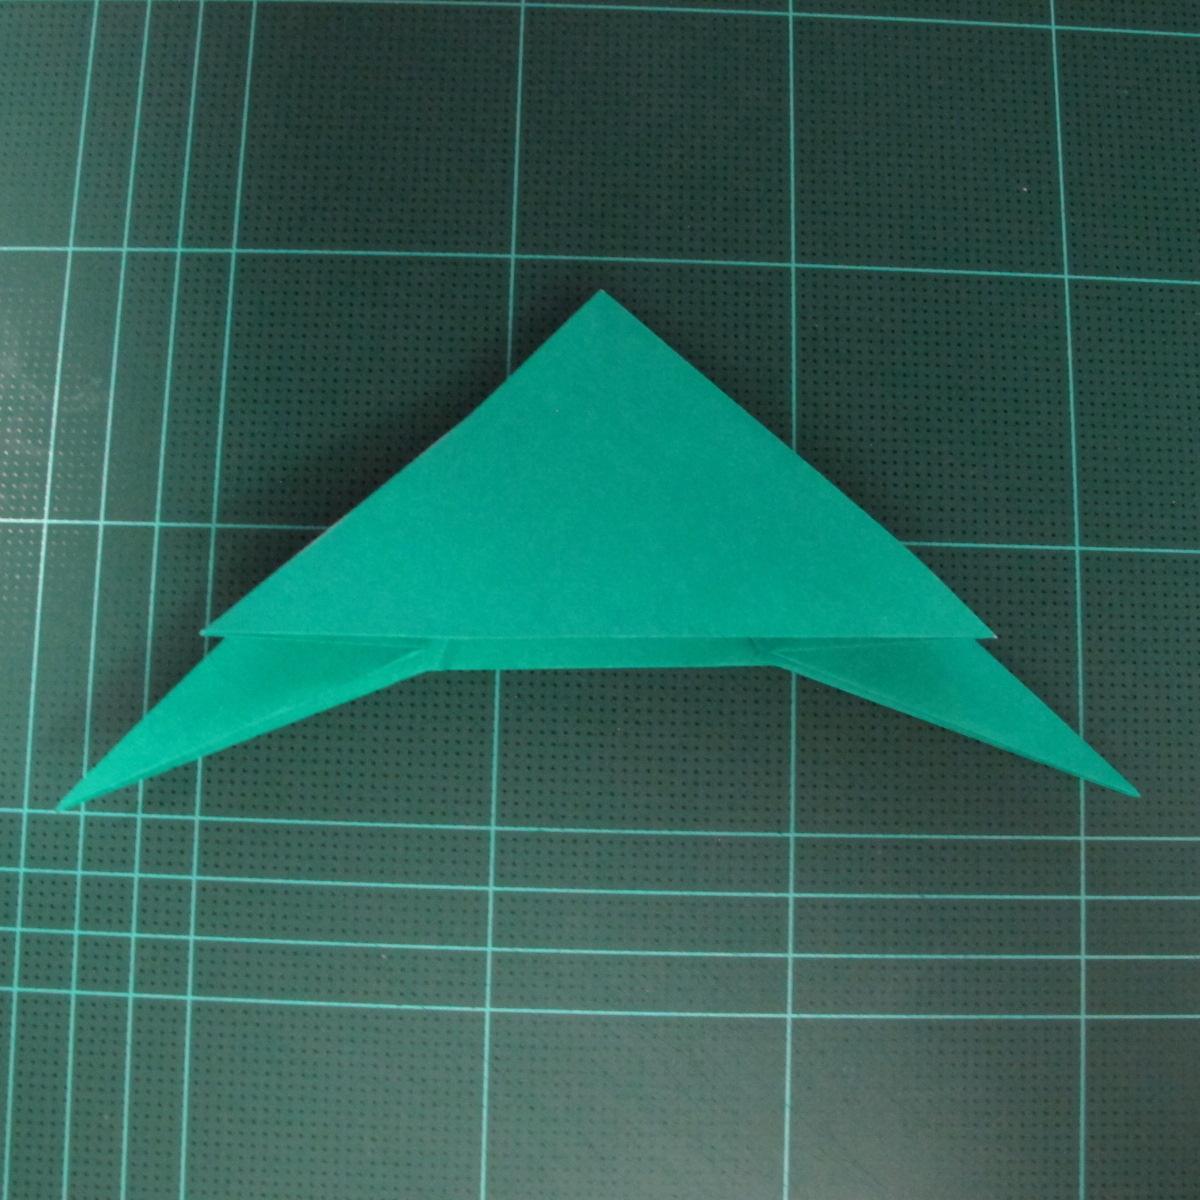 การพับกระดาษเป็นรูปเรือมังกร (Origami Dragon Boat) 018